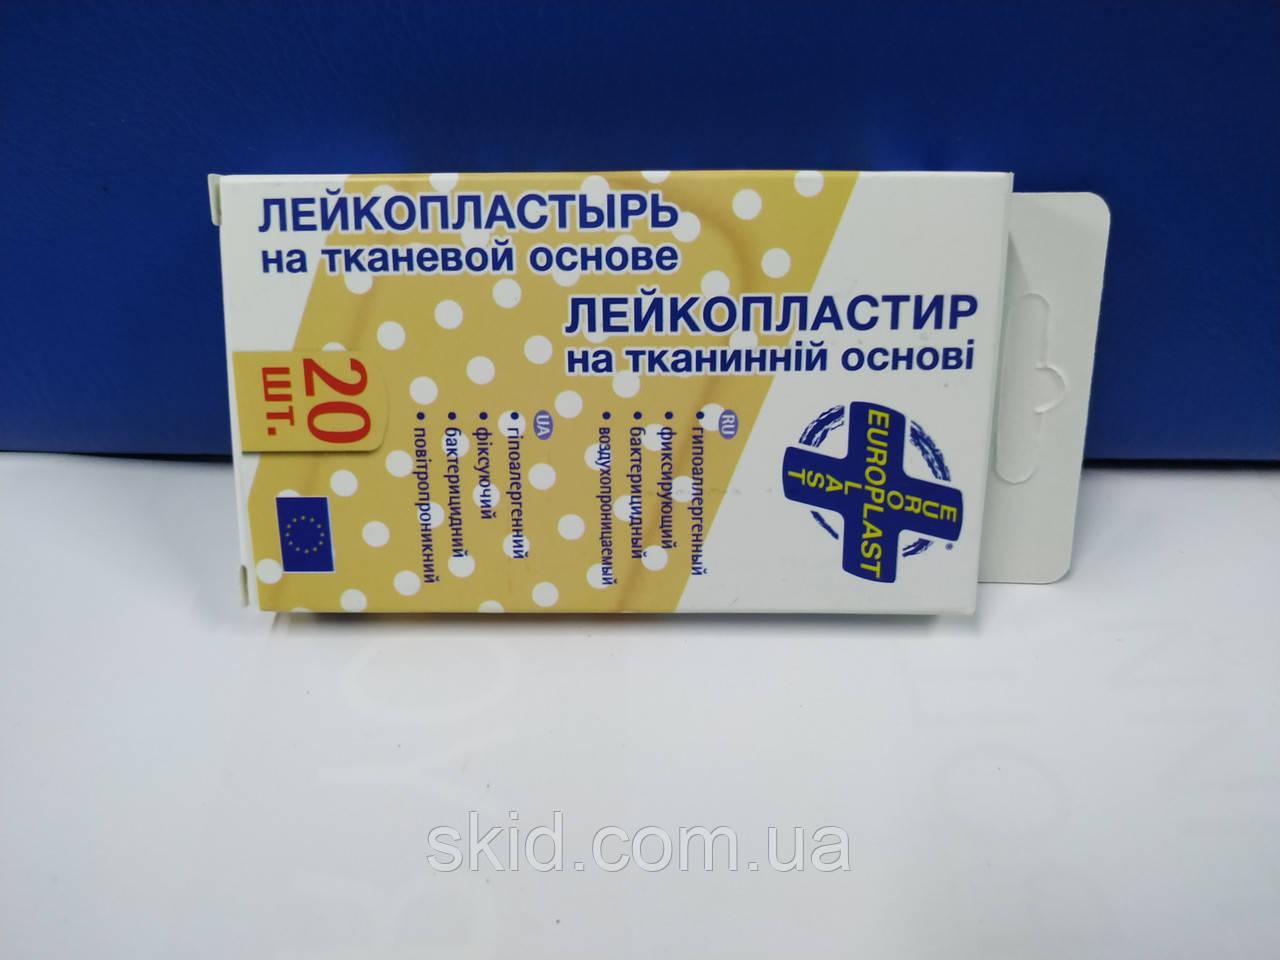 Лейкопластир  ткан. основі EVROPLAST 20шт 1.9х7.2